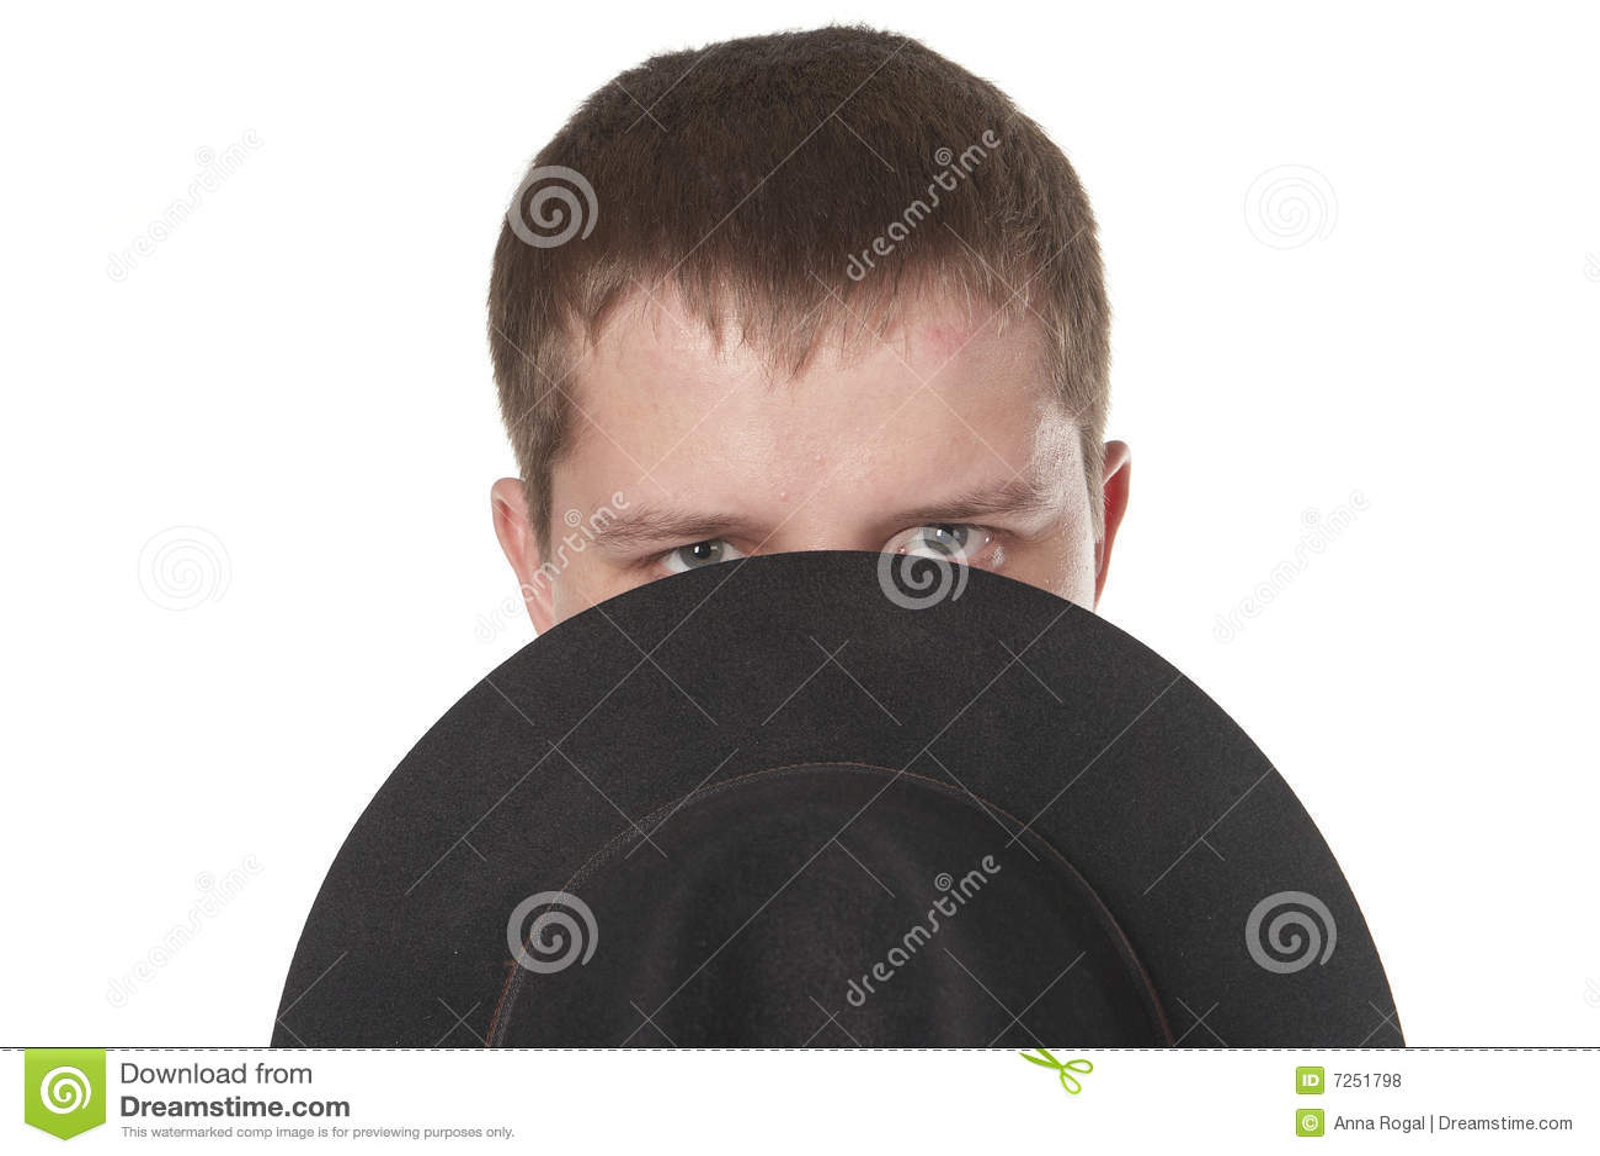 El hombre cierra la parte inferior de la cara un sombrero.